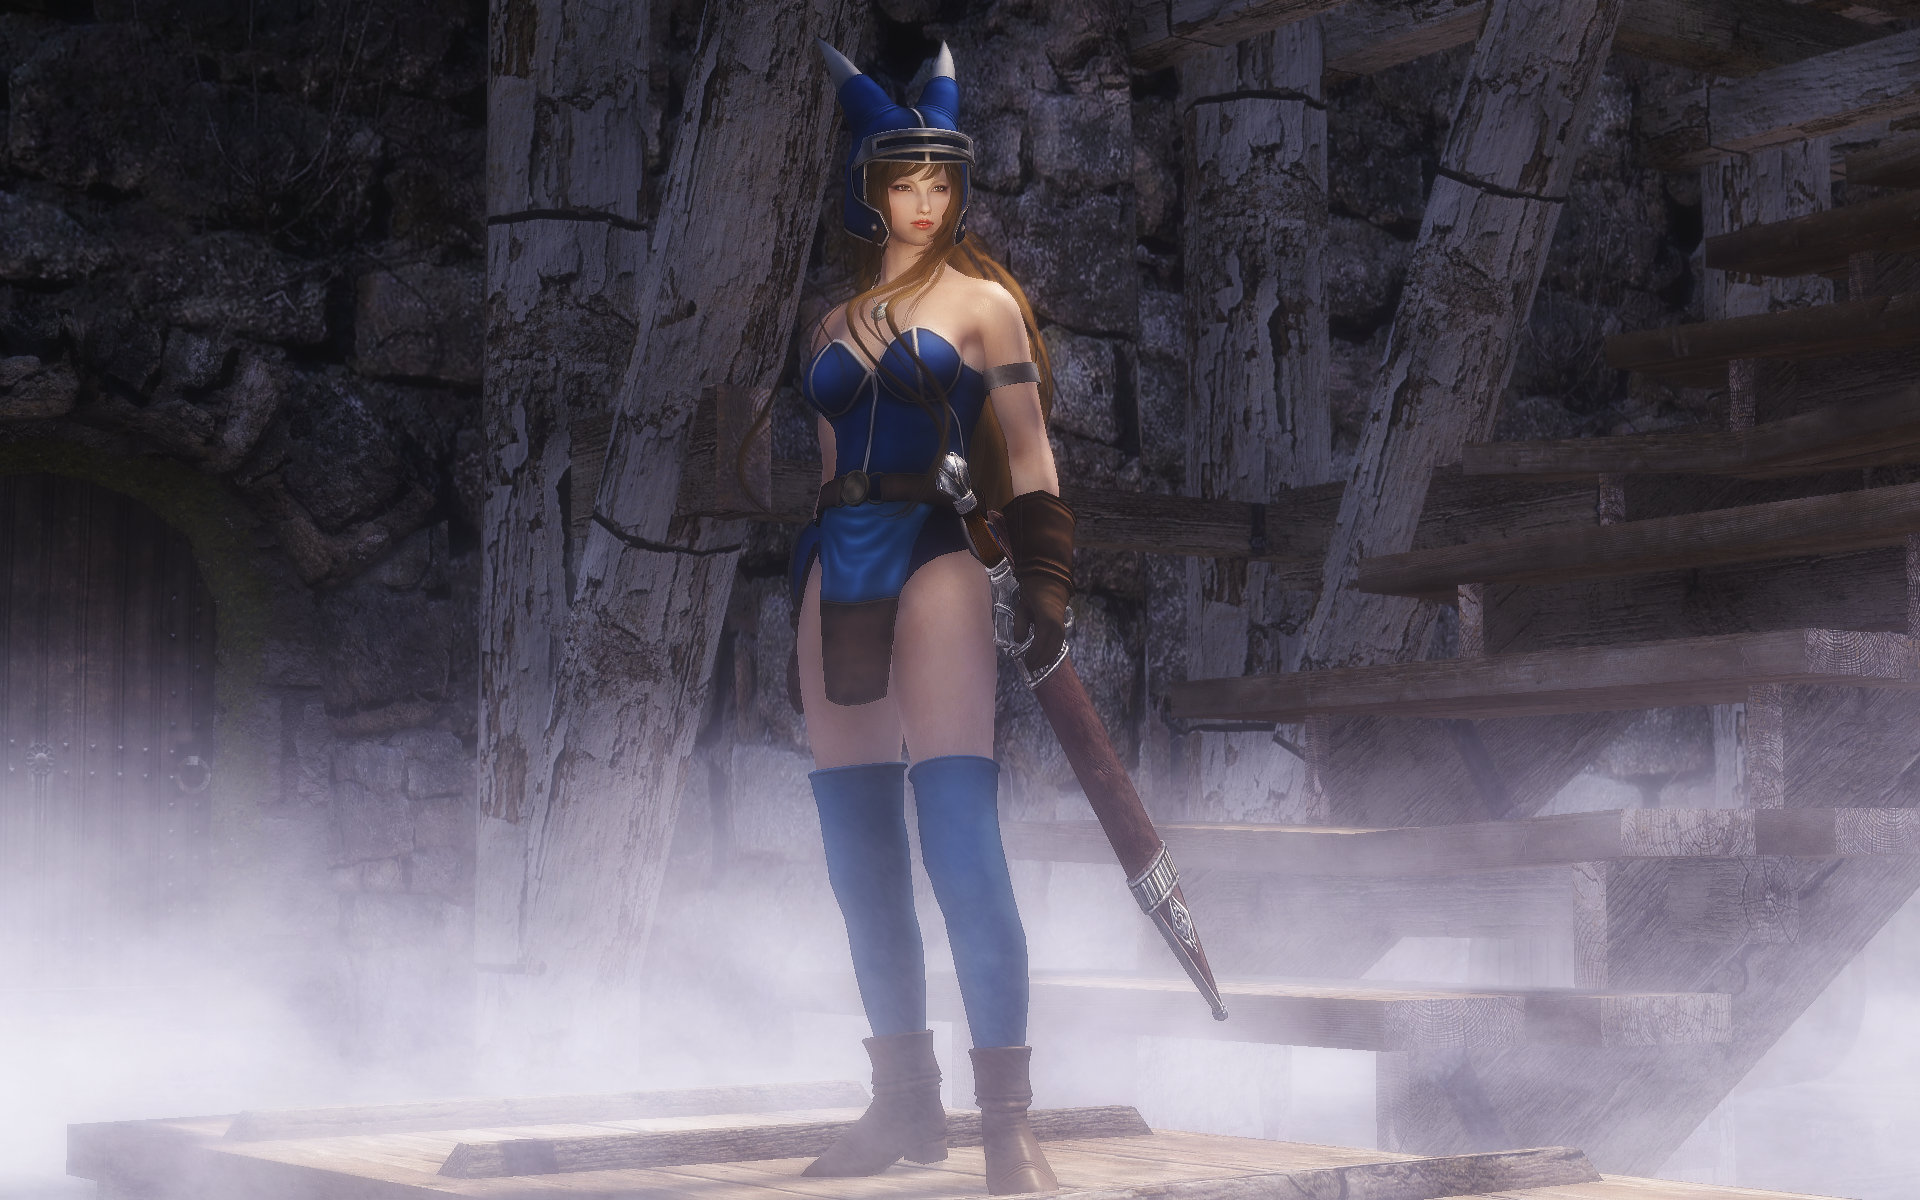 Dragon Quest Blue Warrior Armor (DQ Anime Daisy Armor)